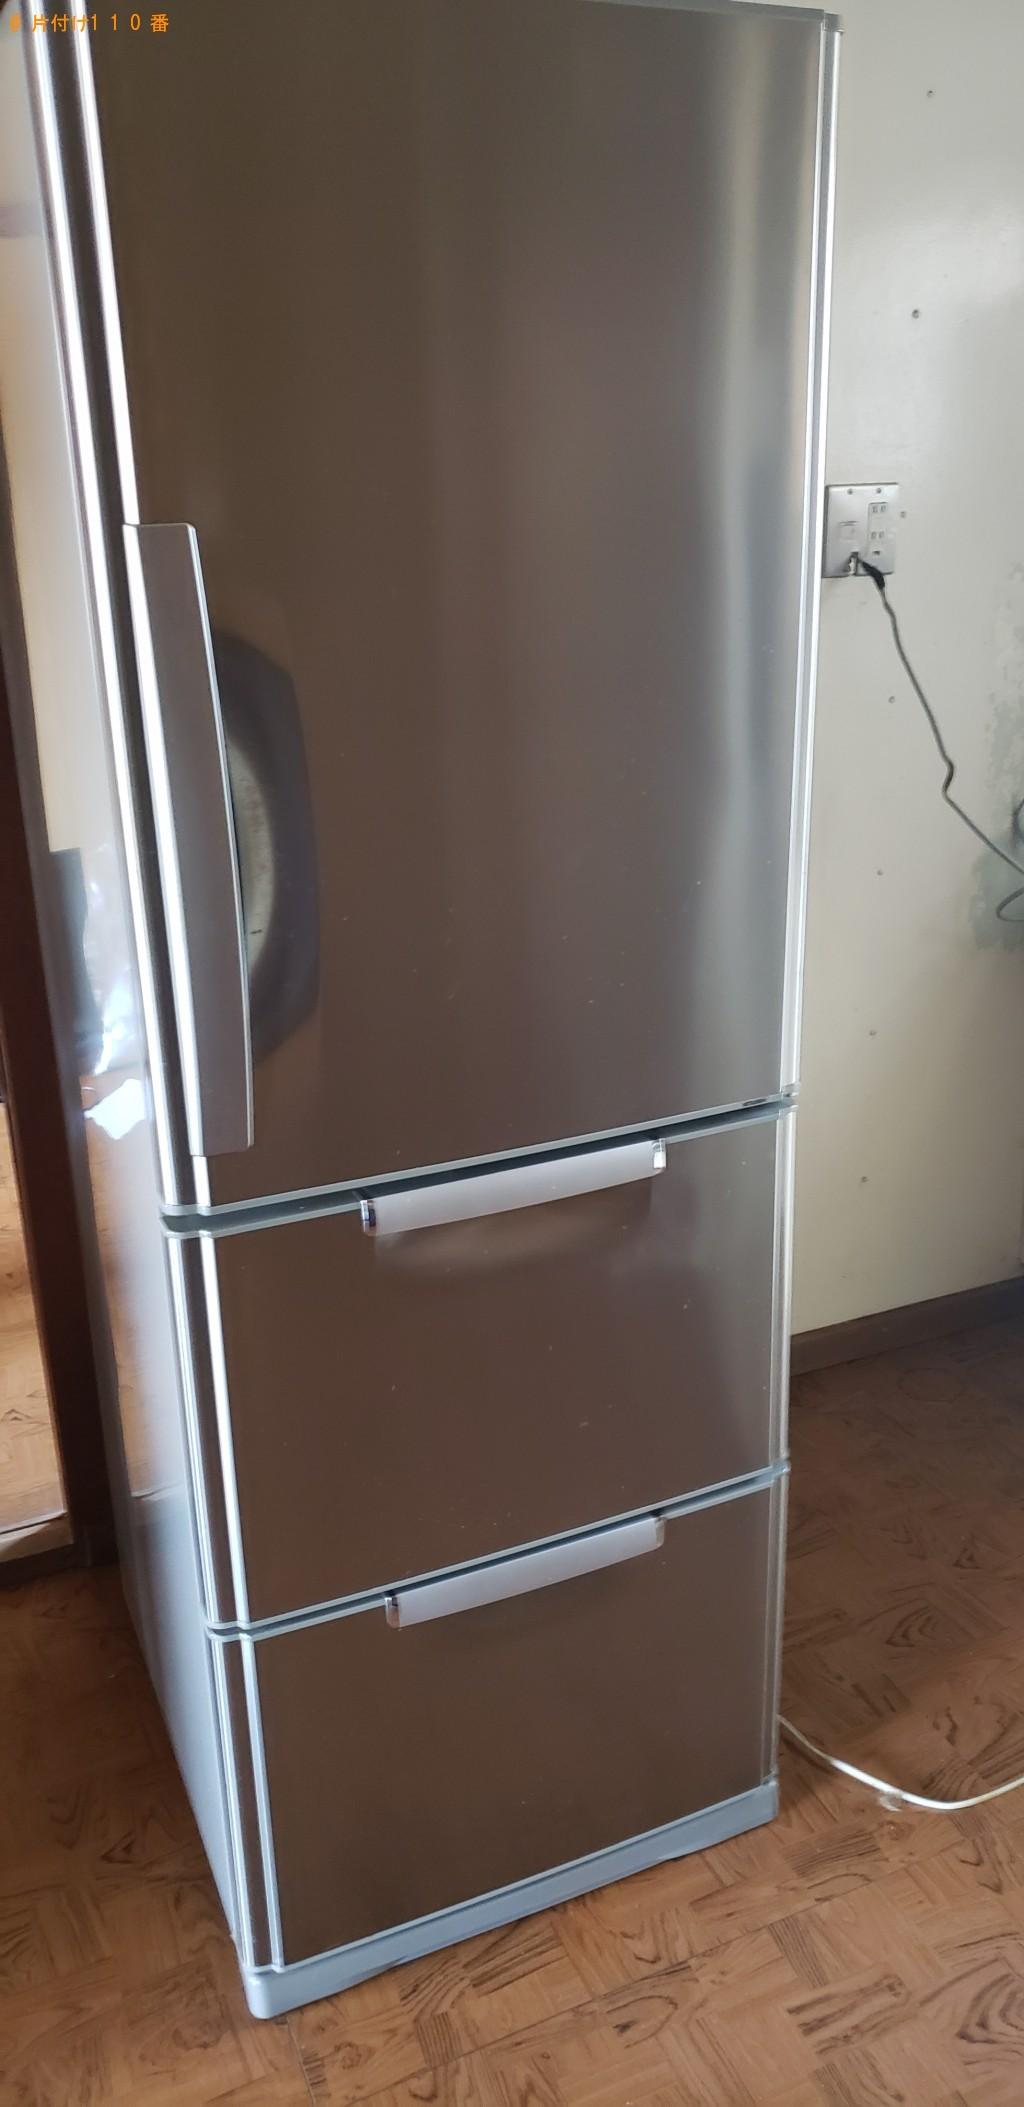 【下関市彦島塩浜町】冷蔵庫、洗濯機、エアコン、婚礼ダンス等の回収